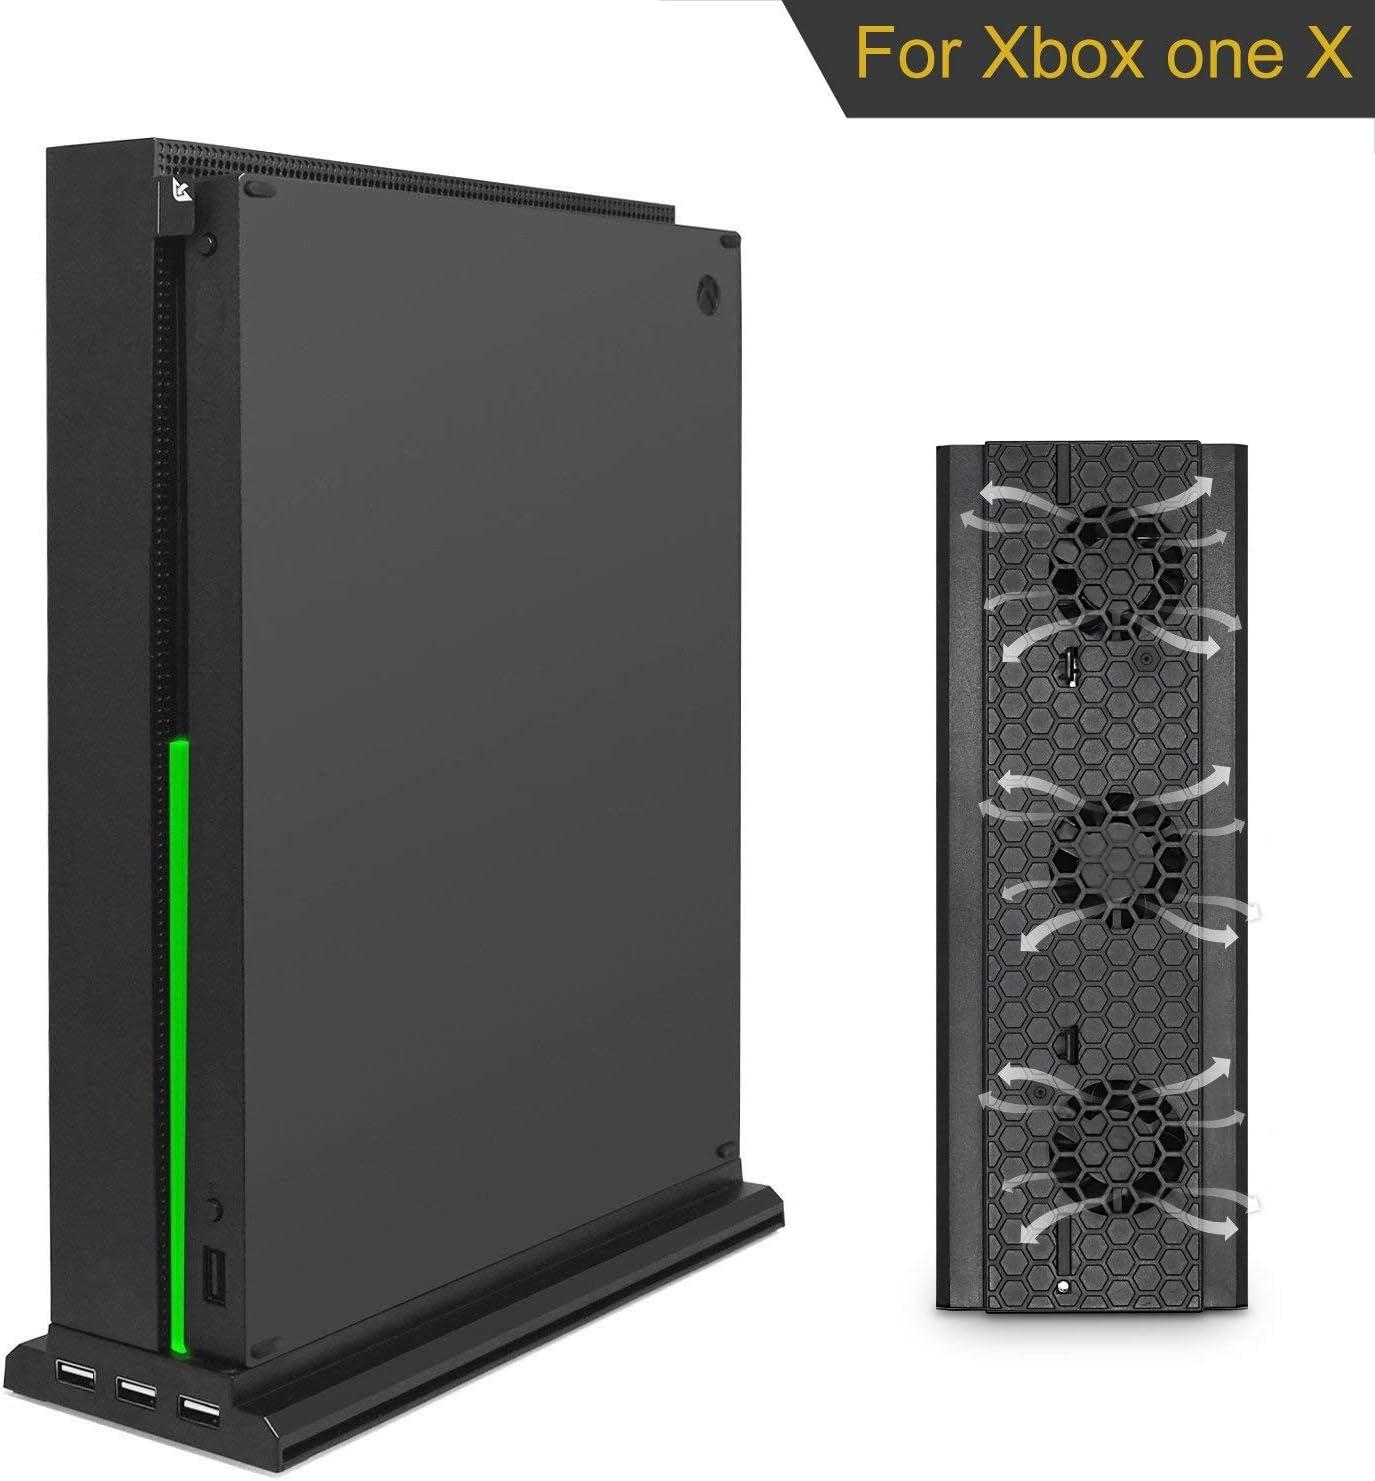 Soporte Vertical xbox One X, KONKY xbox One x Ventilador con 3 Puertos USB 2.0 y Barra de Iluminación LED para Xbox One X Console Negro(No para Xbox One /S): Amazon.es: Videojuegos